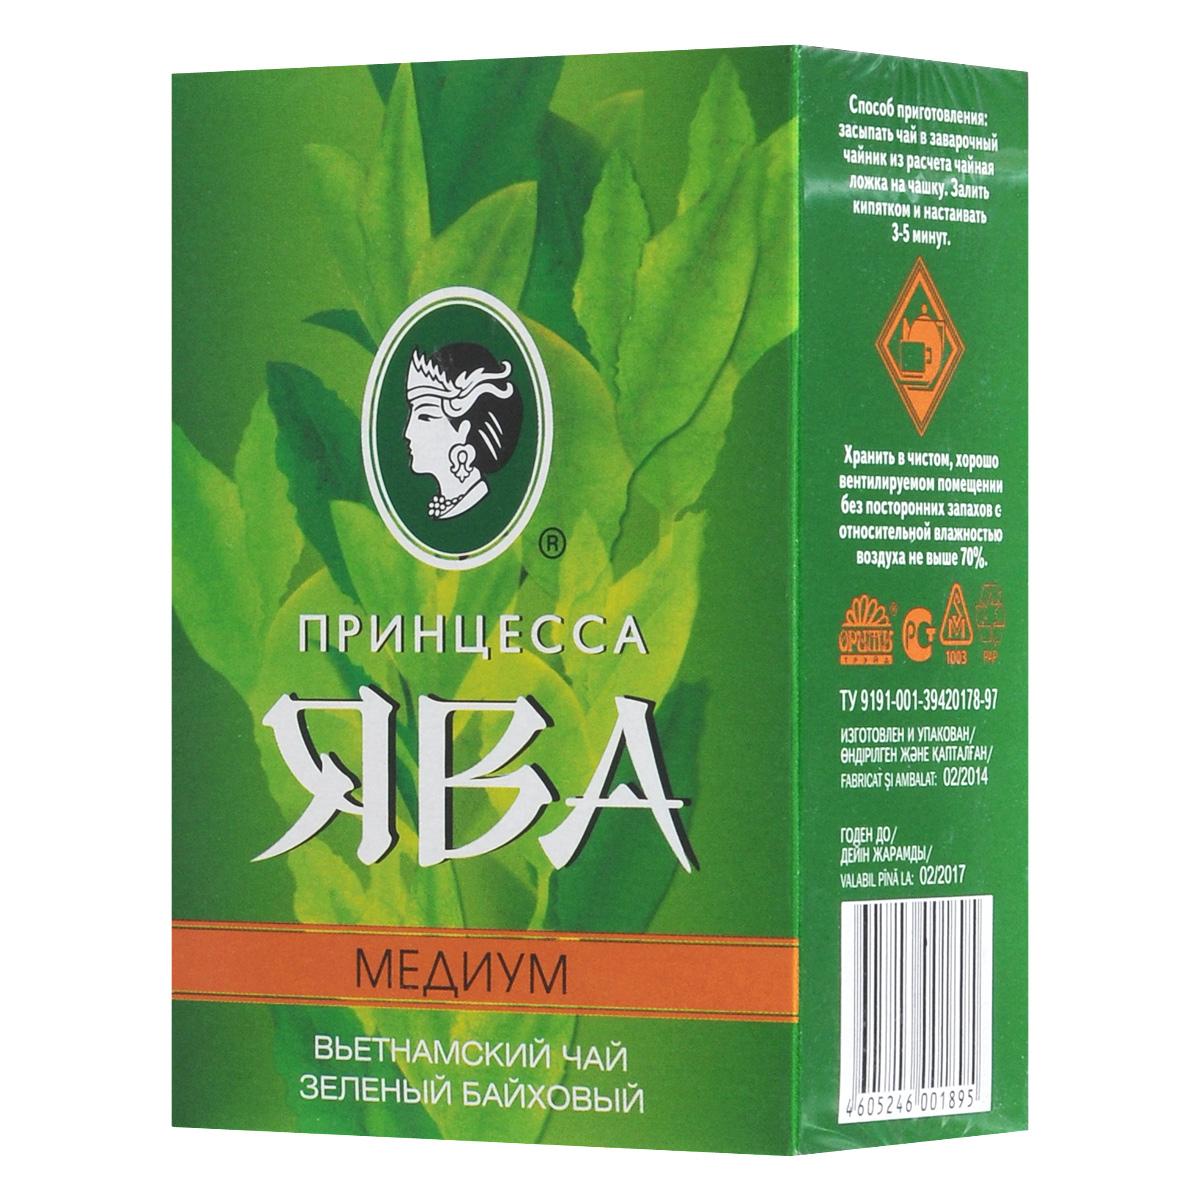 Принцесса Ява Медиум зеленый чай листовой, 100 г0120710Северо-вьетнамский крупнолистовой зеленый чай Принцесса Ява Медиум высушивается вбамбуковых корзинах над огнем. Эта особенность обработки придает чайному настою своеобразный вкус и аромат.